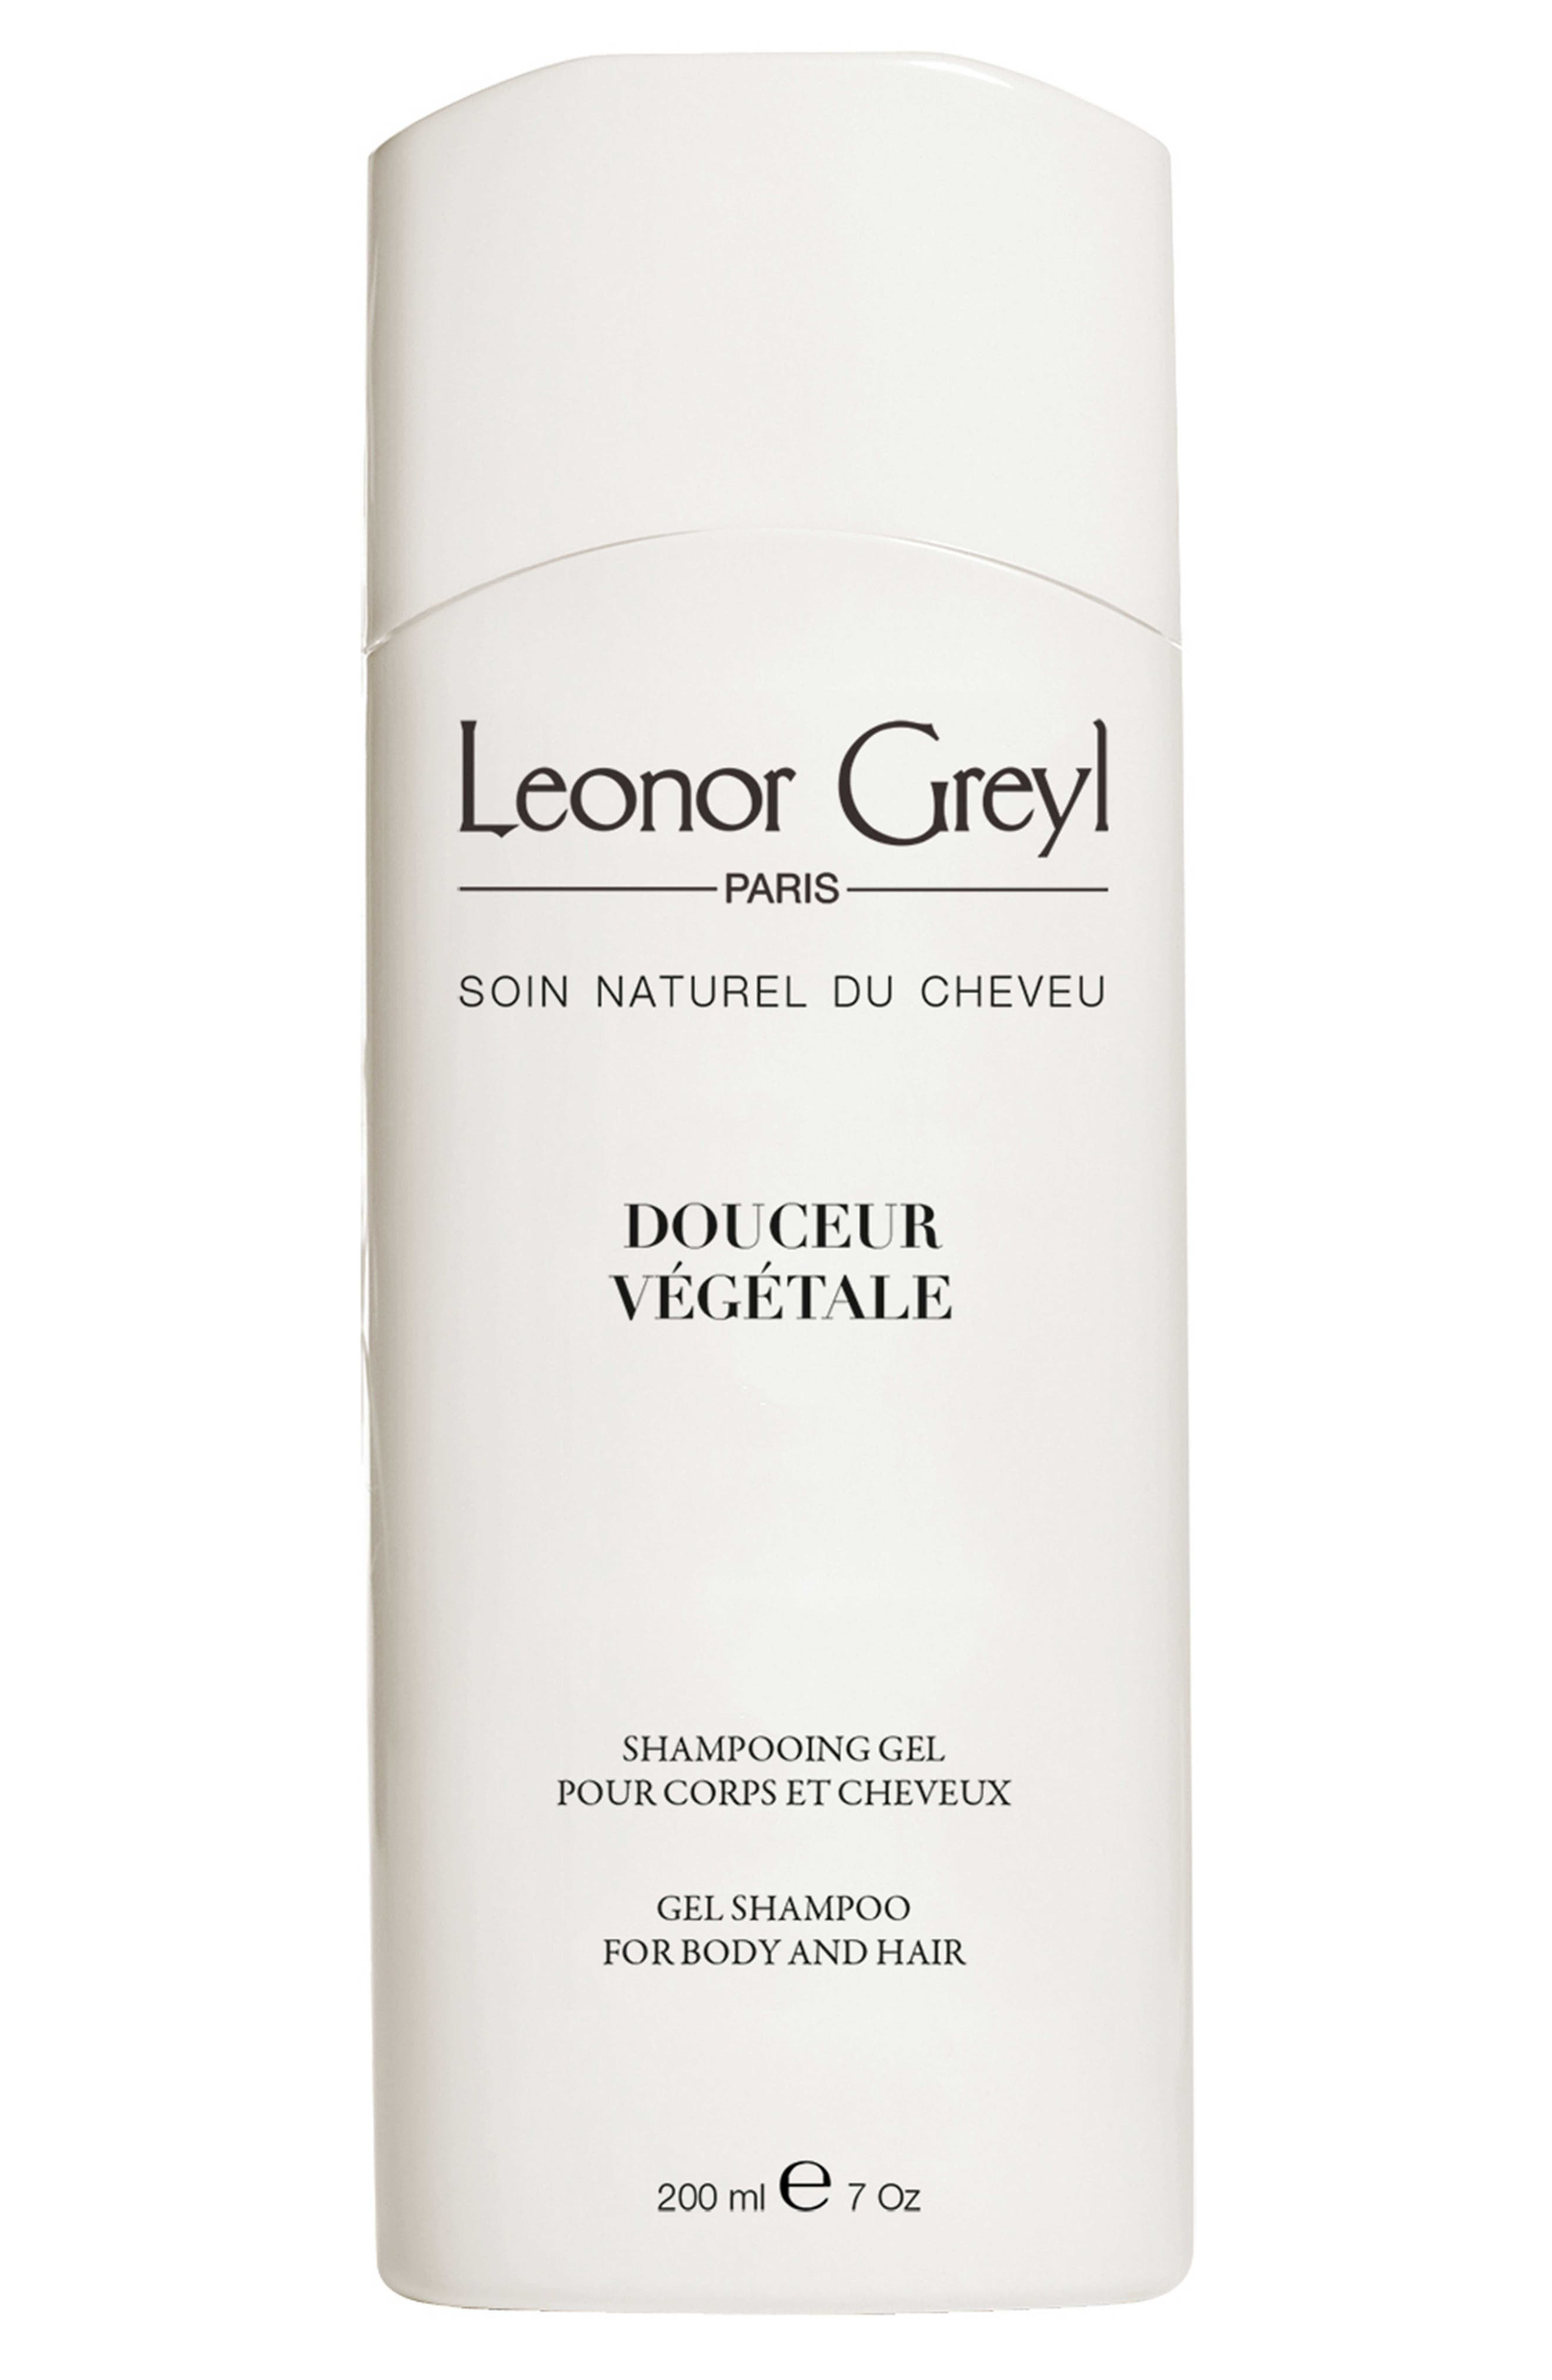 Leonor Greyl PARIS 'Douceur Végétale' Gel Shampoo for Body & Hair